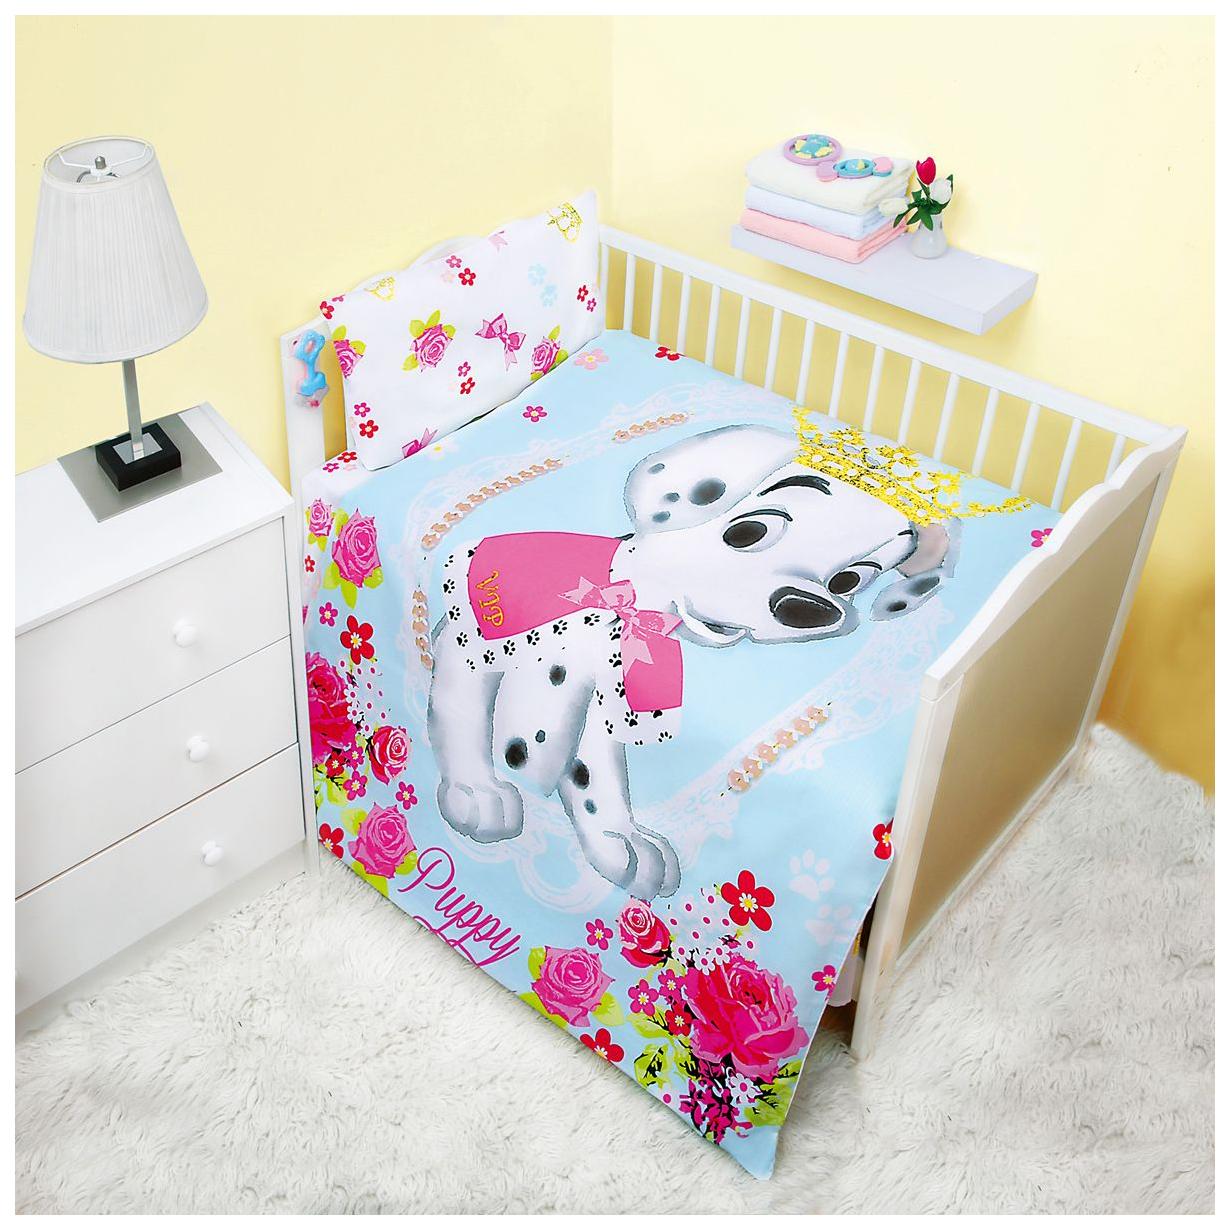 Комплект детского постельного белья MONA LIZA Далматинец Винтаж фото